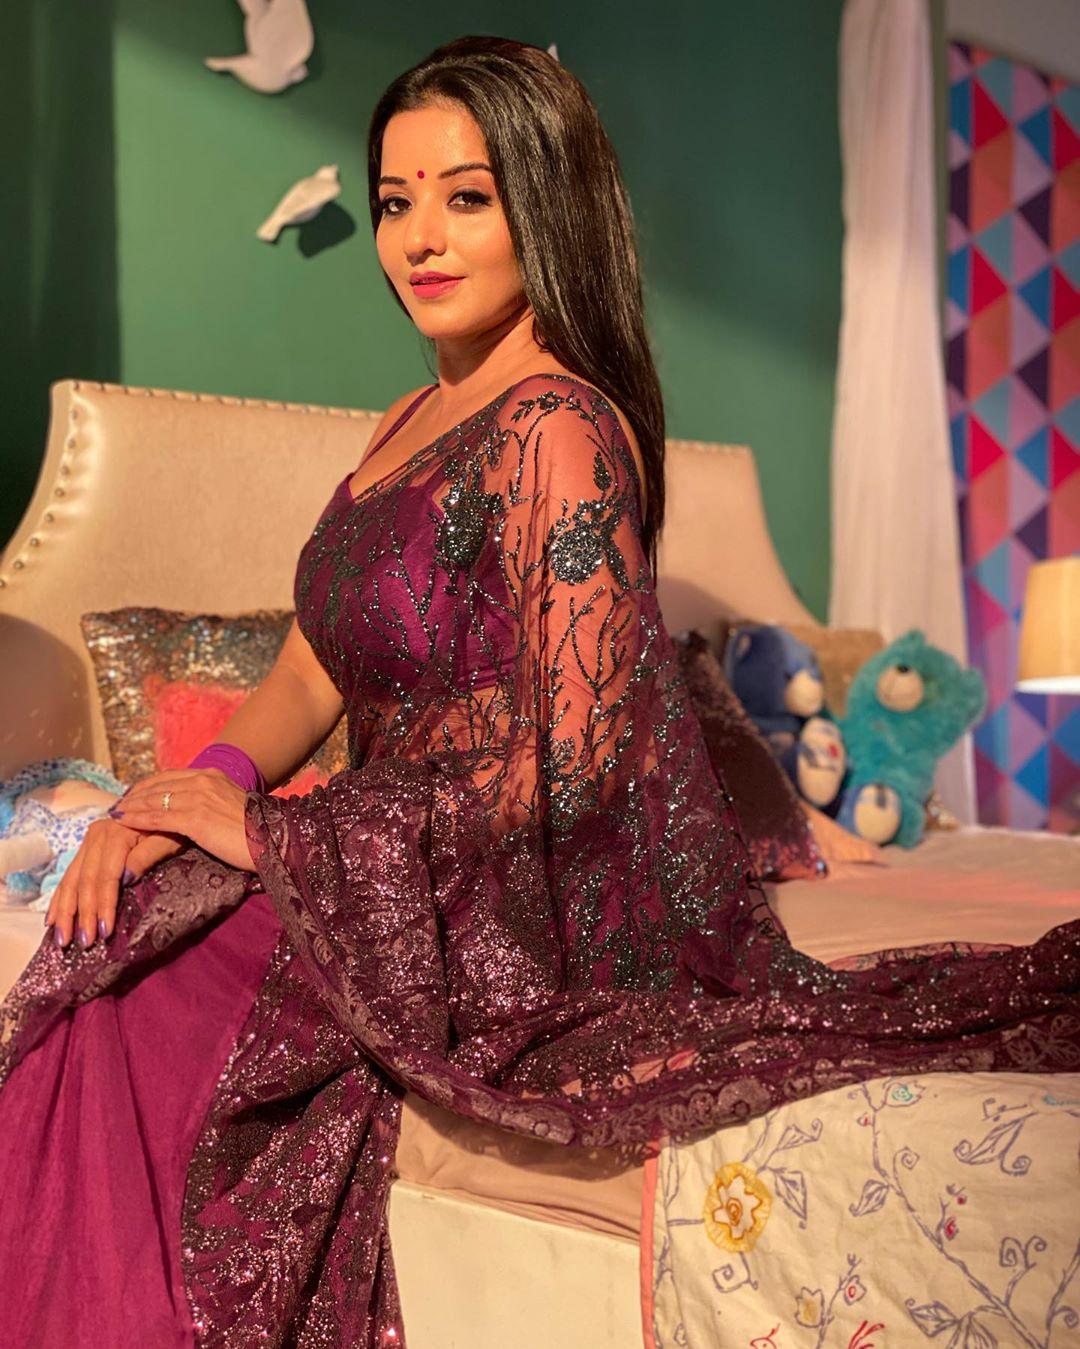 Monalisa s Stunning Ethnic Look